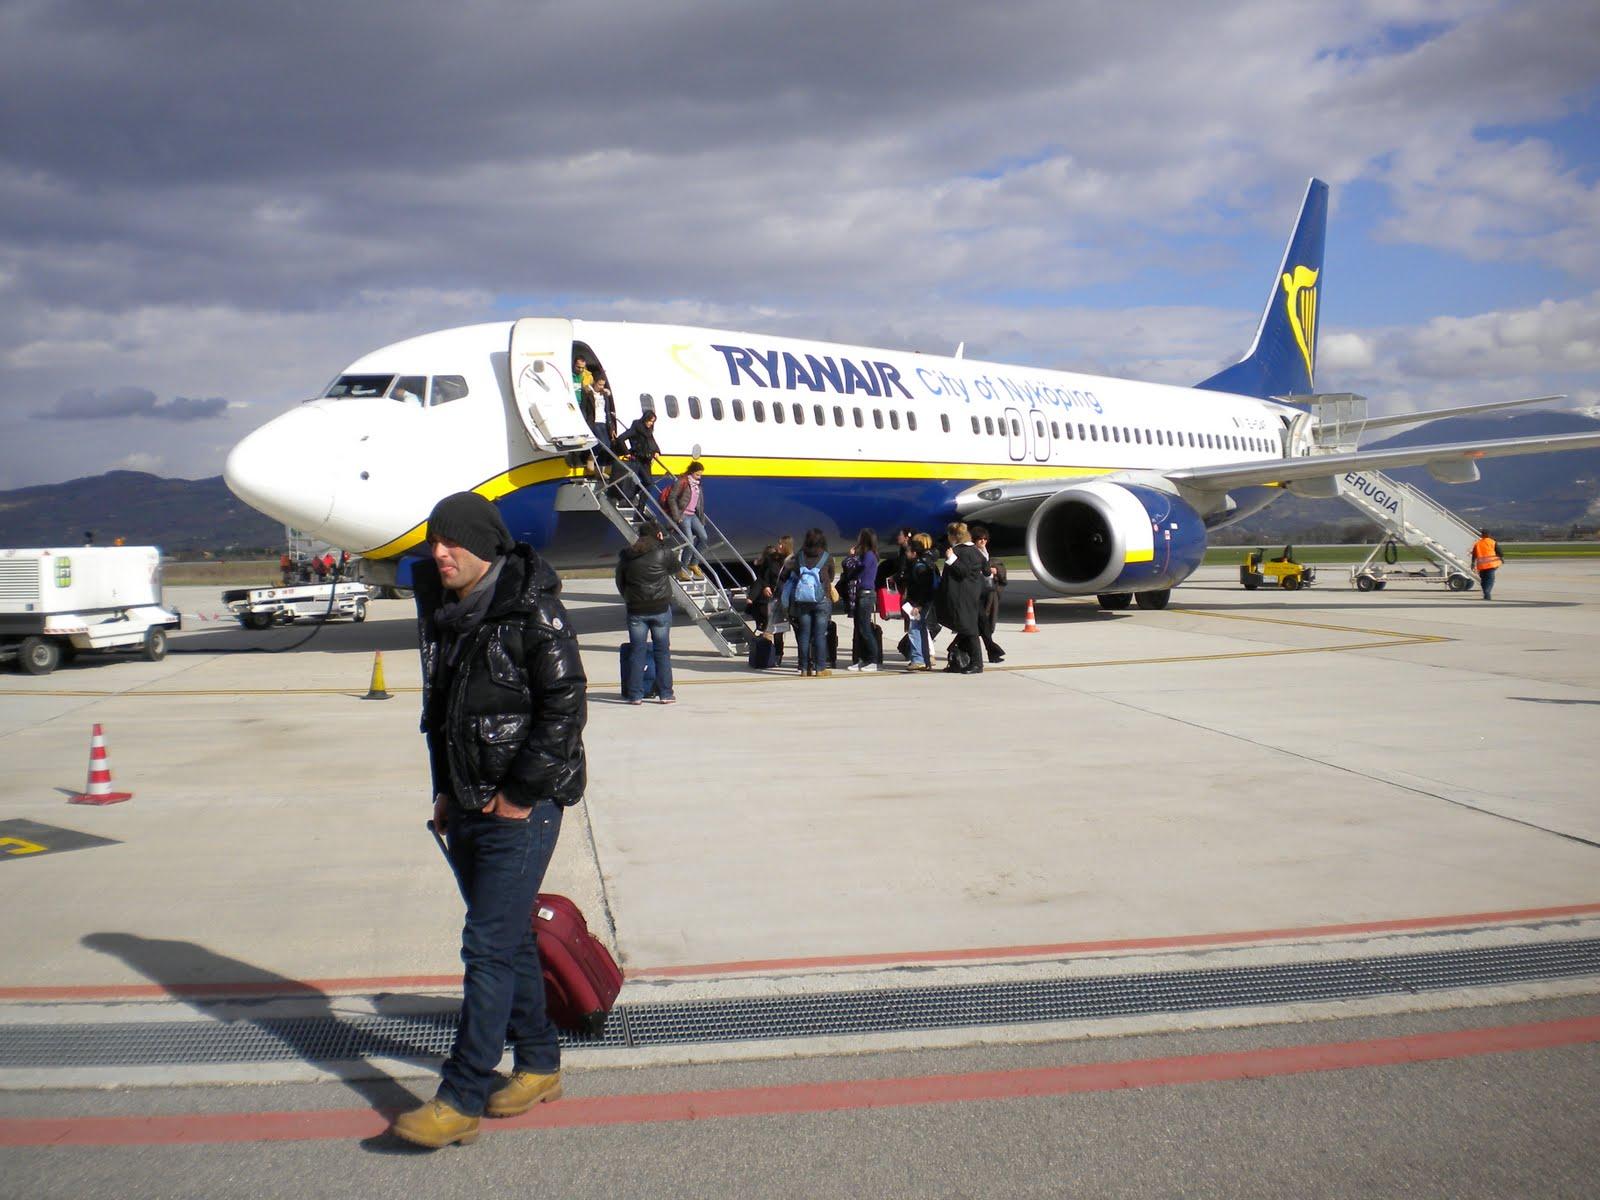 Aeroporto d'Abruzzo, due nuovi voli della Ryanair